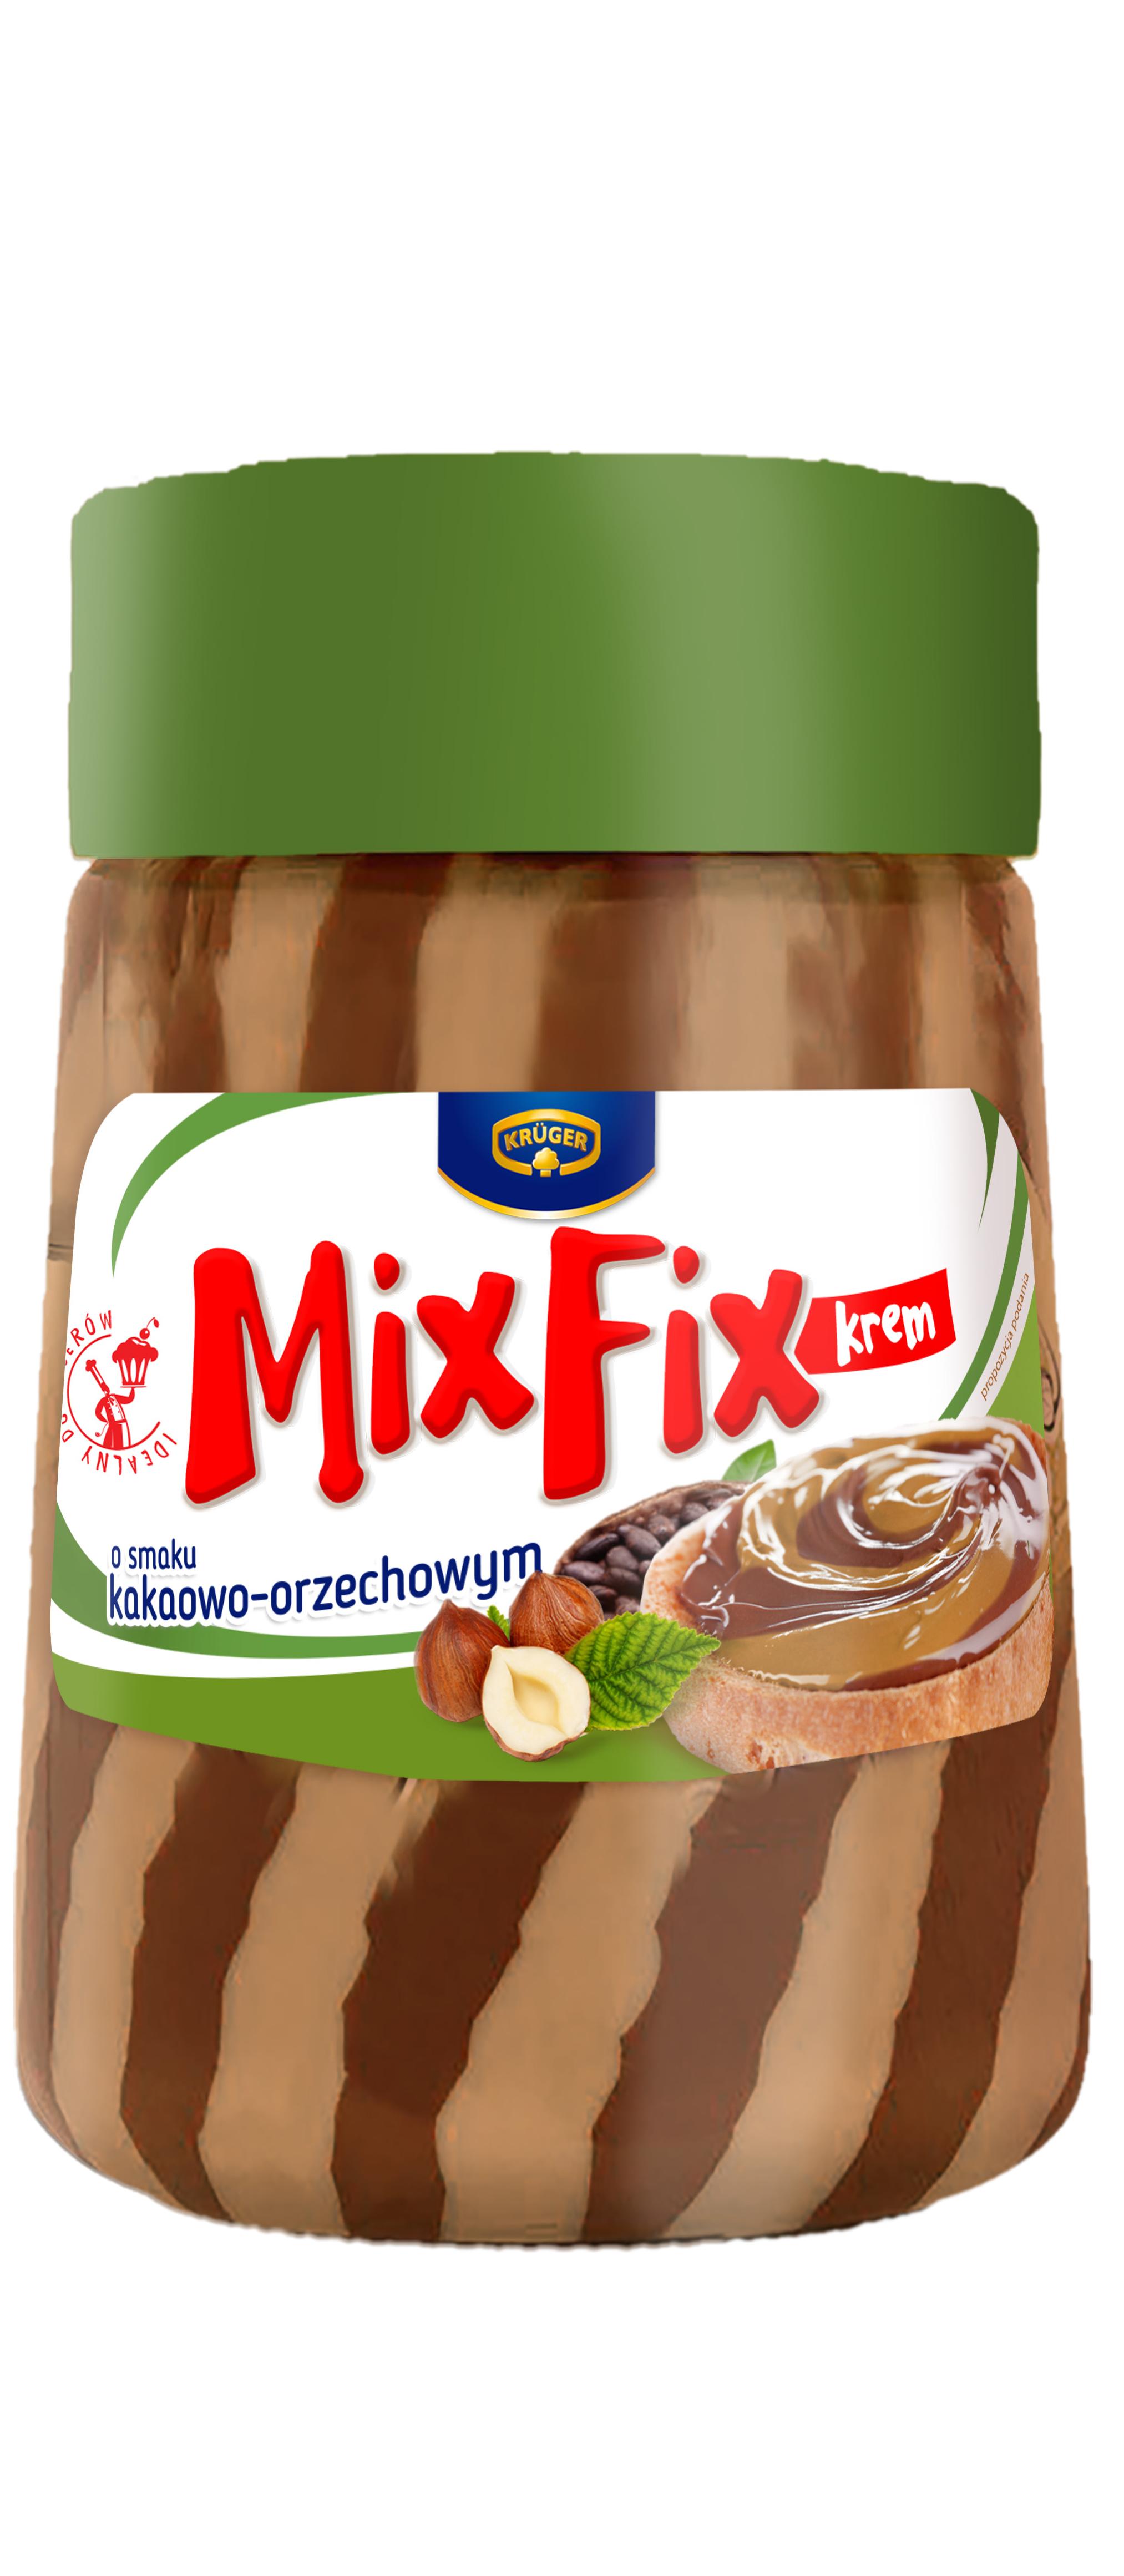 Mix Fix krem o smaku kakaowo-orzechowym